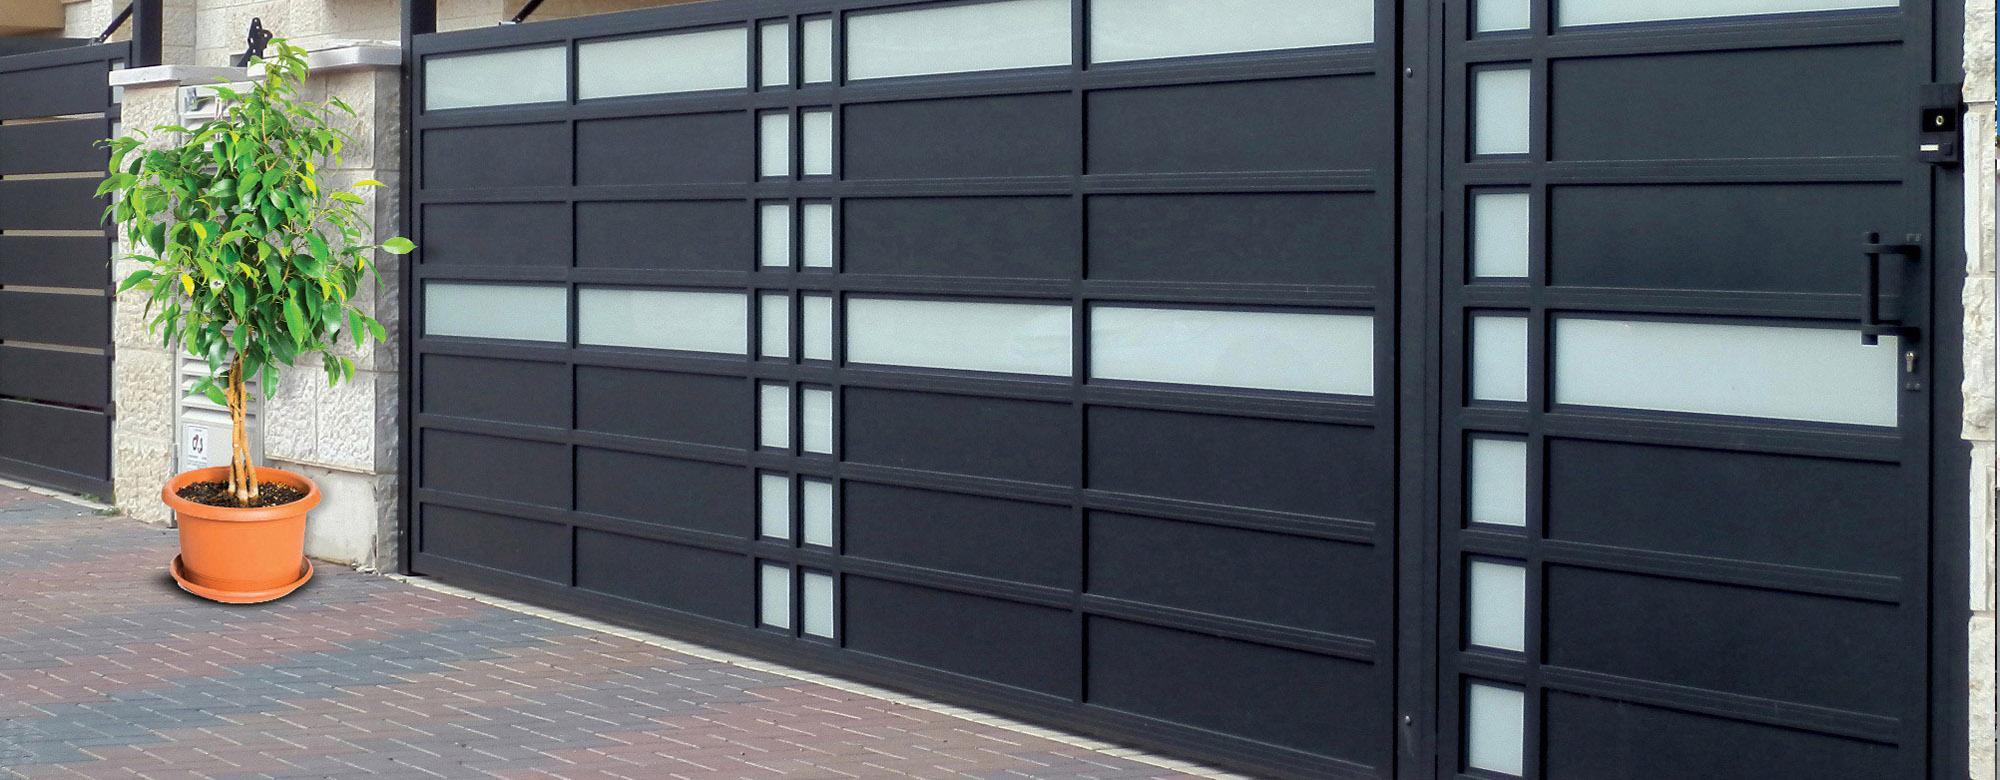 שער כניסה ושער לחניה תואמים משולבי זכוכית